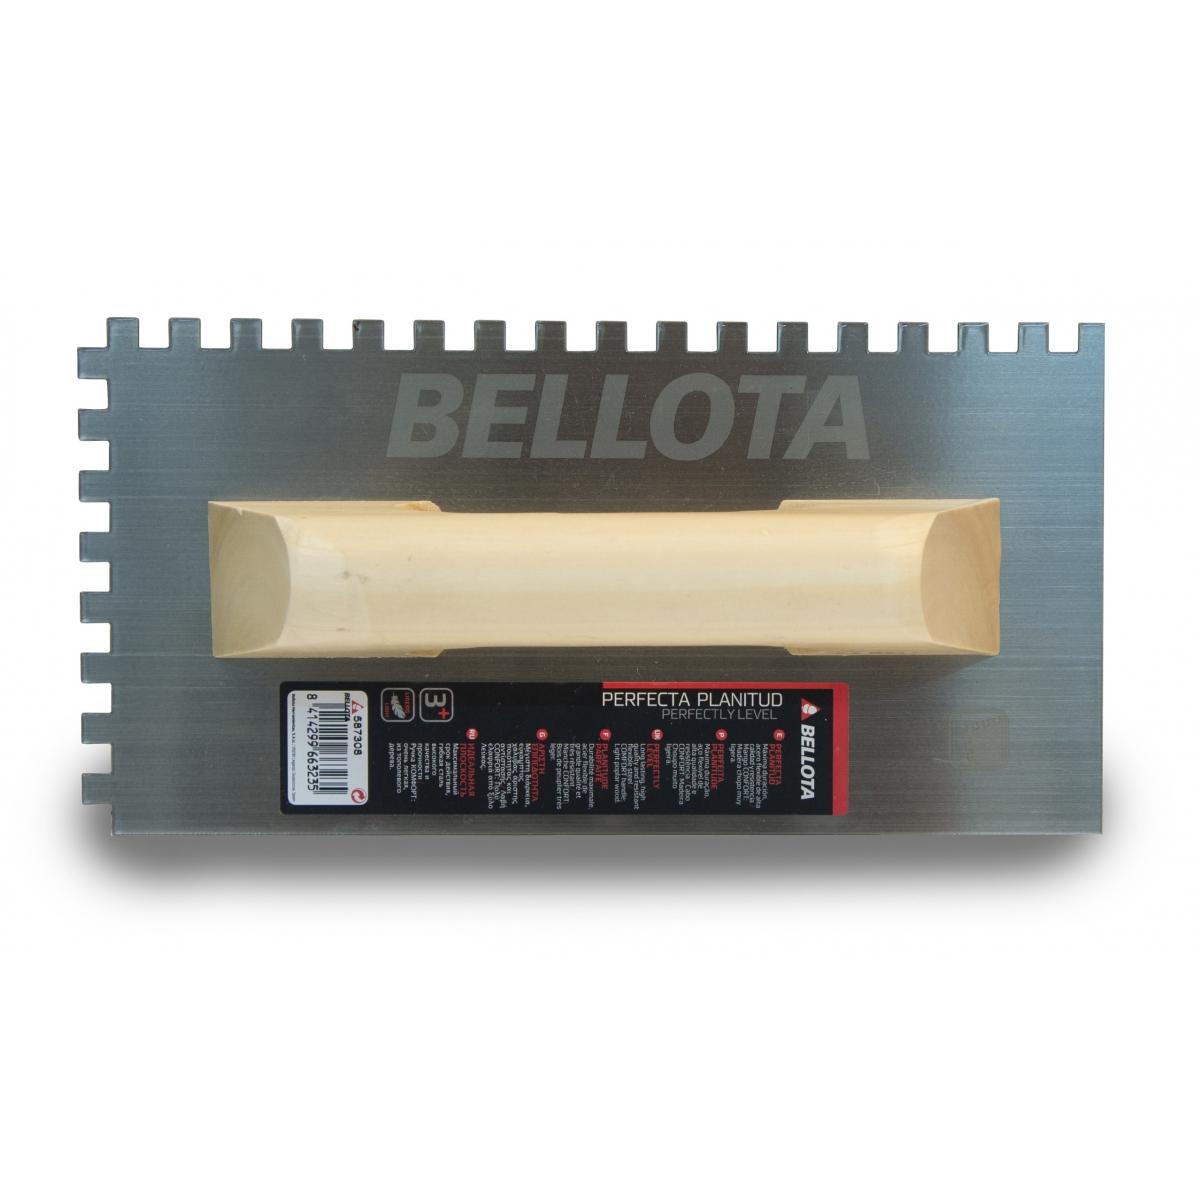 Llana dentada del 08 - Herramientas manuales para la construcción - Marca Bellota